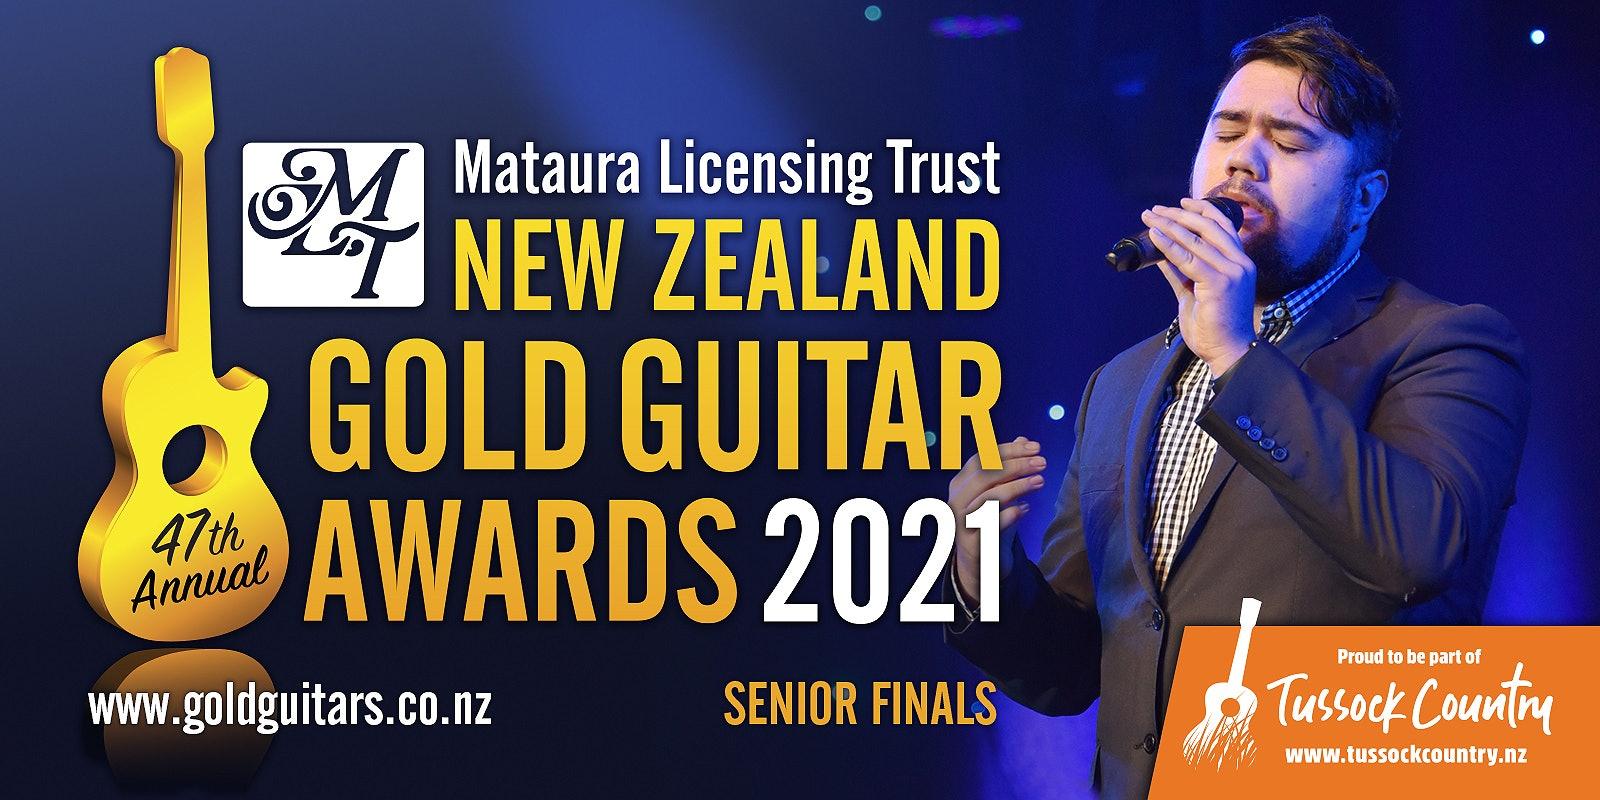 MLT NZ Gold Guitar Awards - Senior Finals